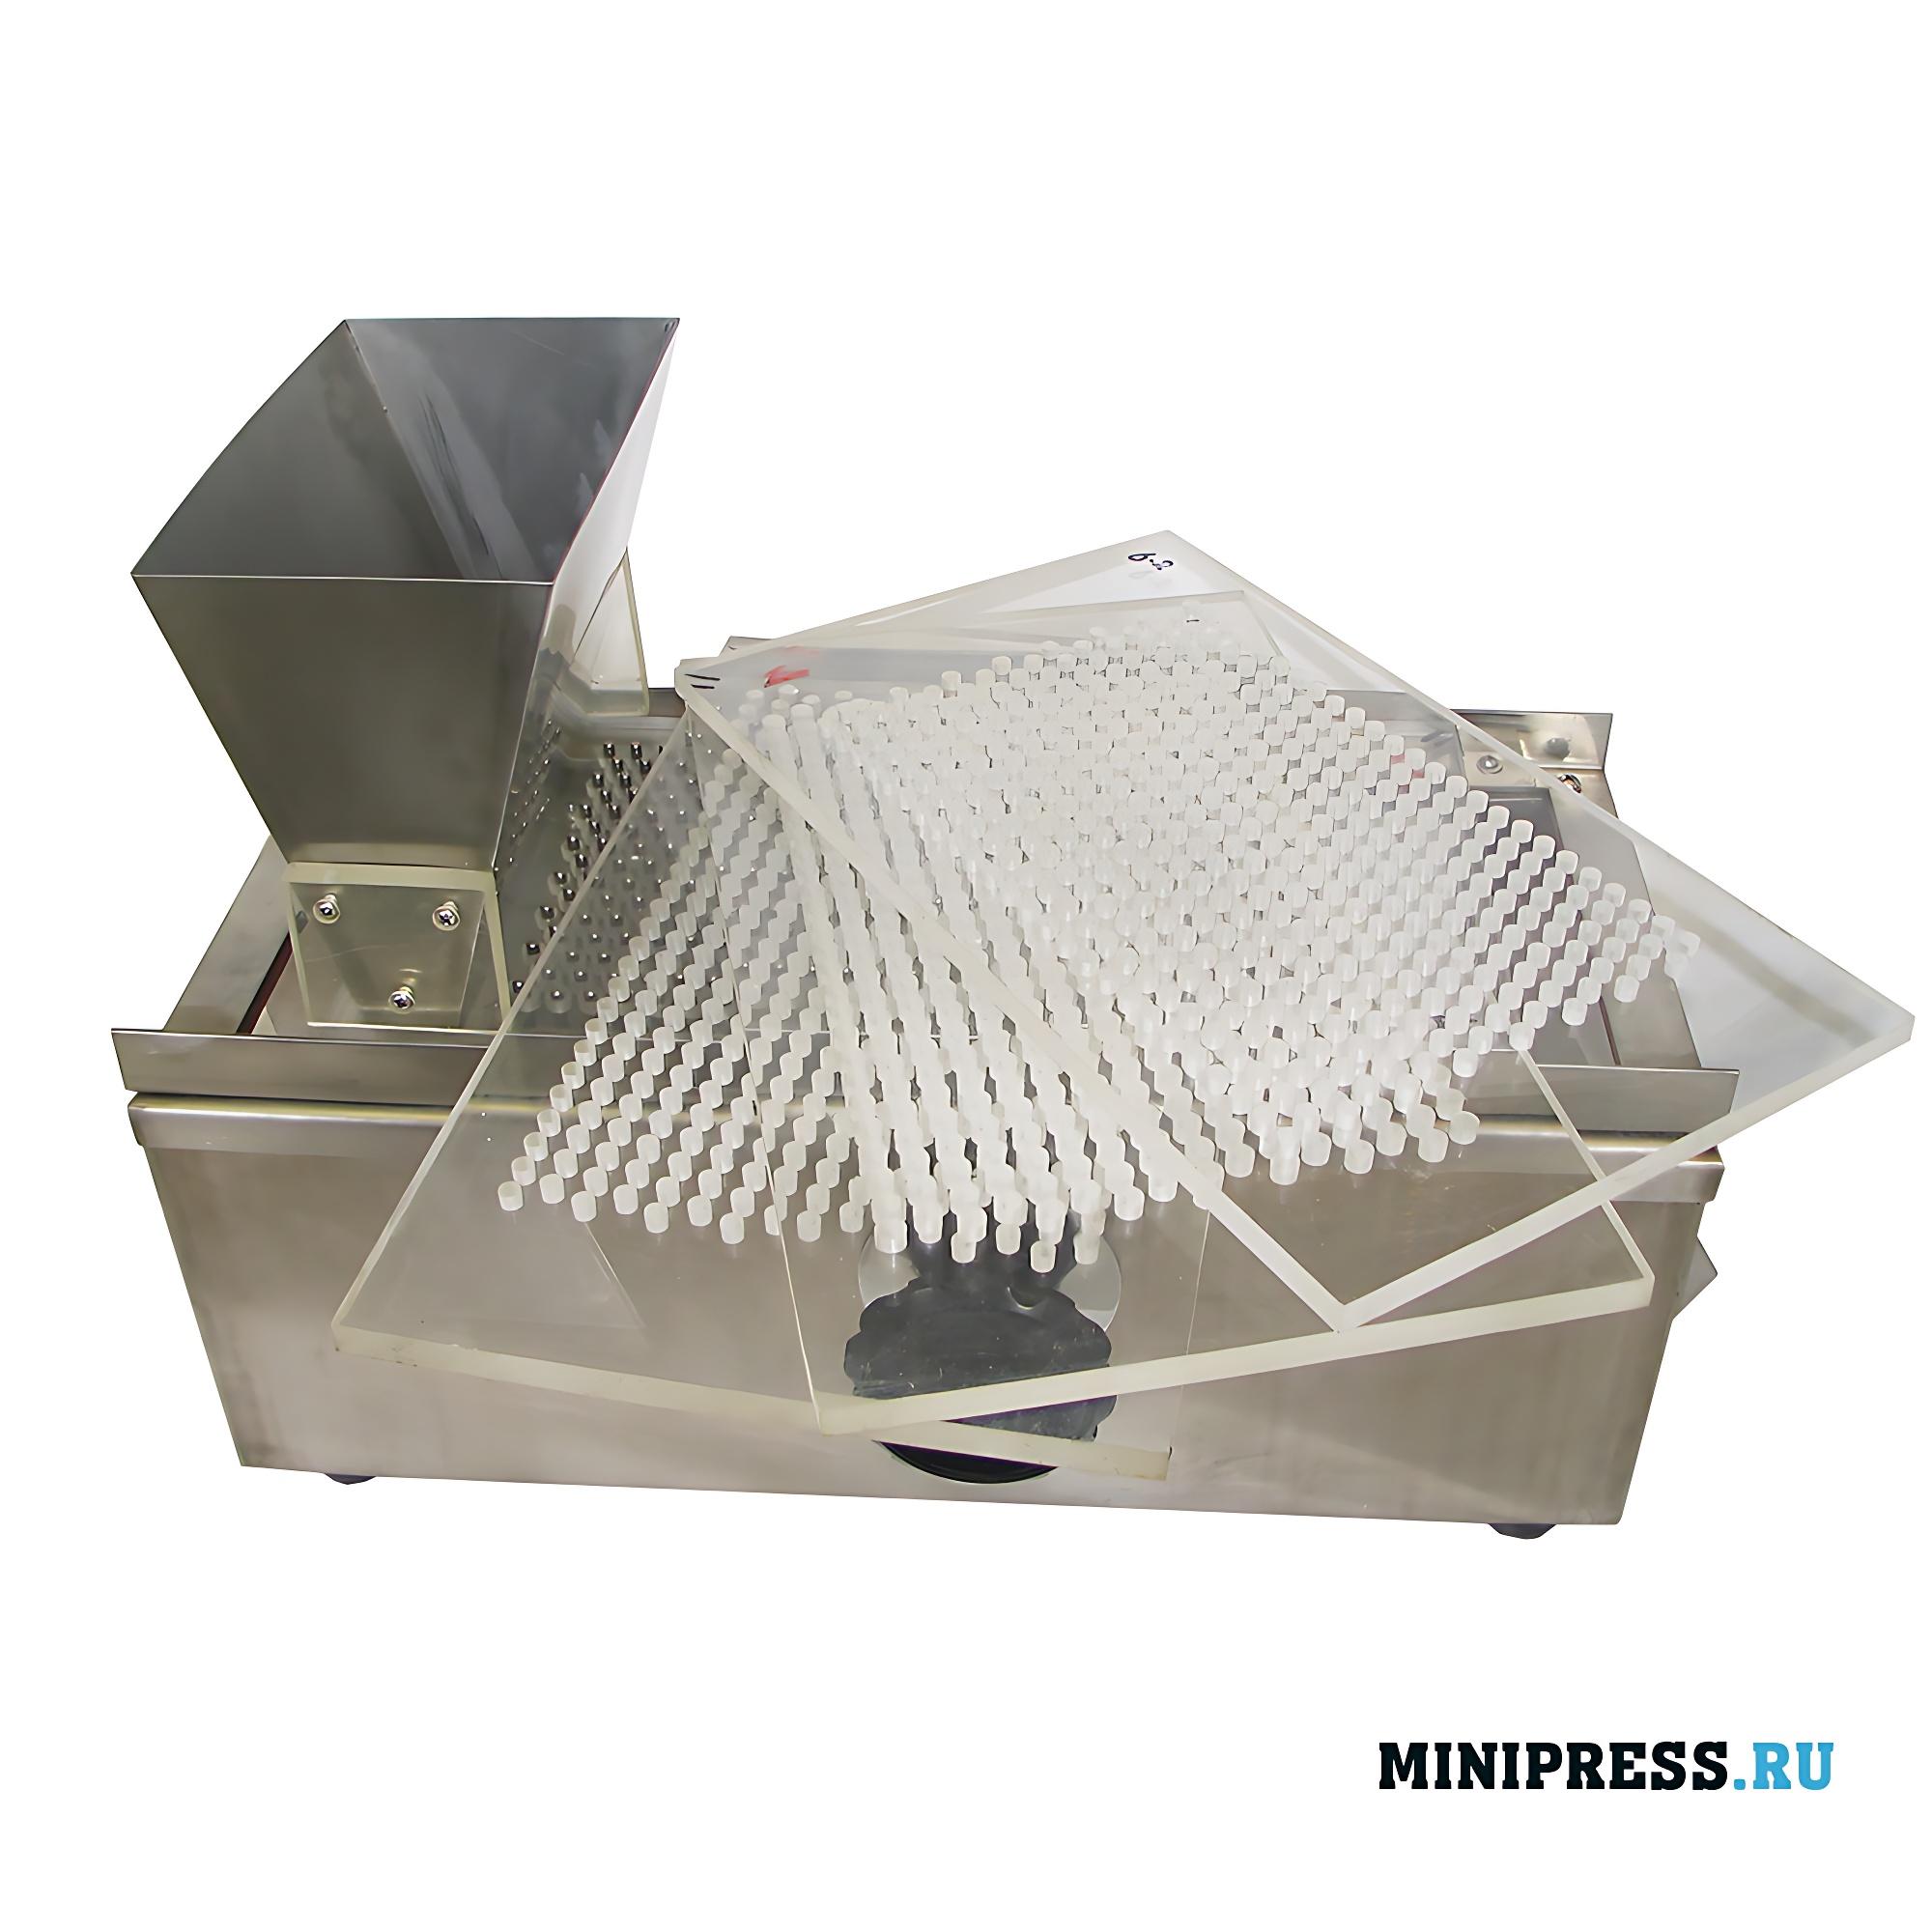 Ручной капсулятор для капсулирования порошком твердых капсул